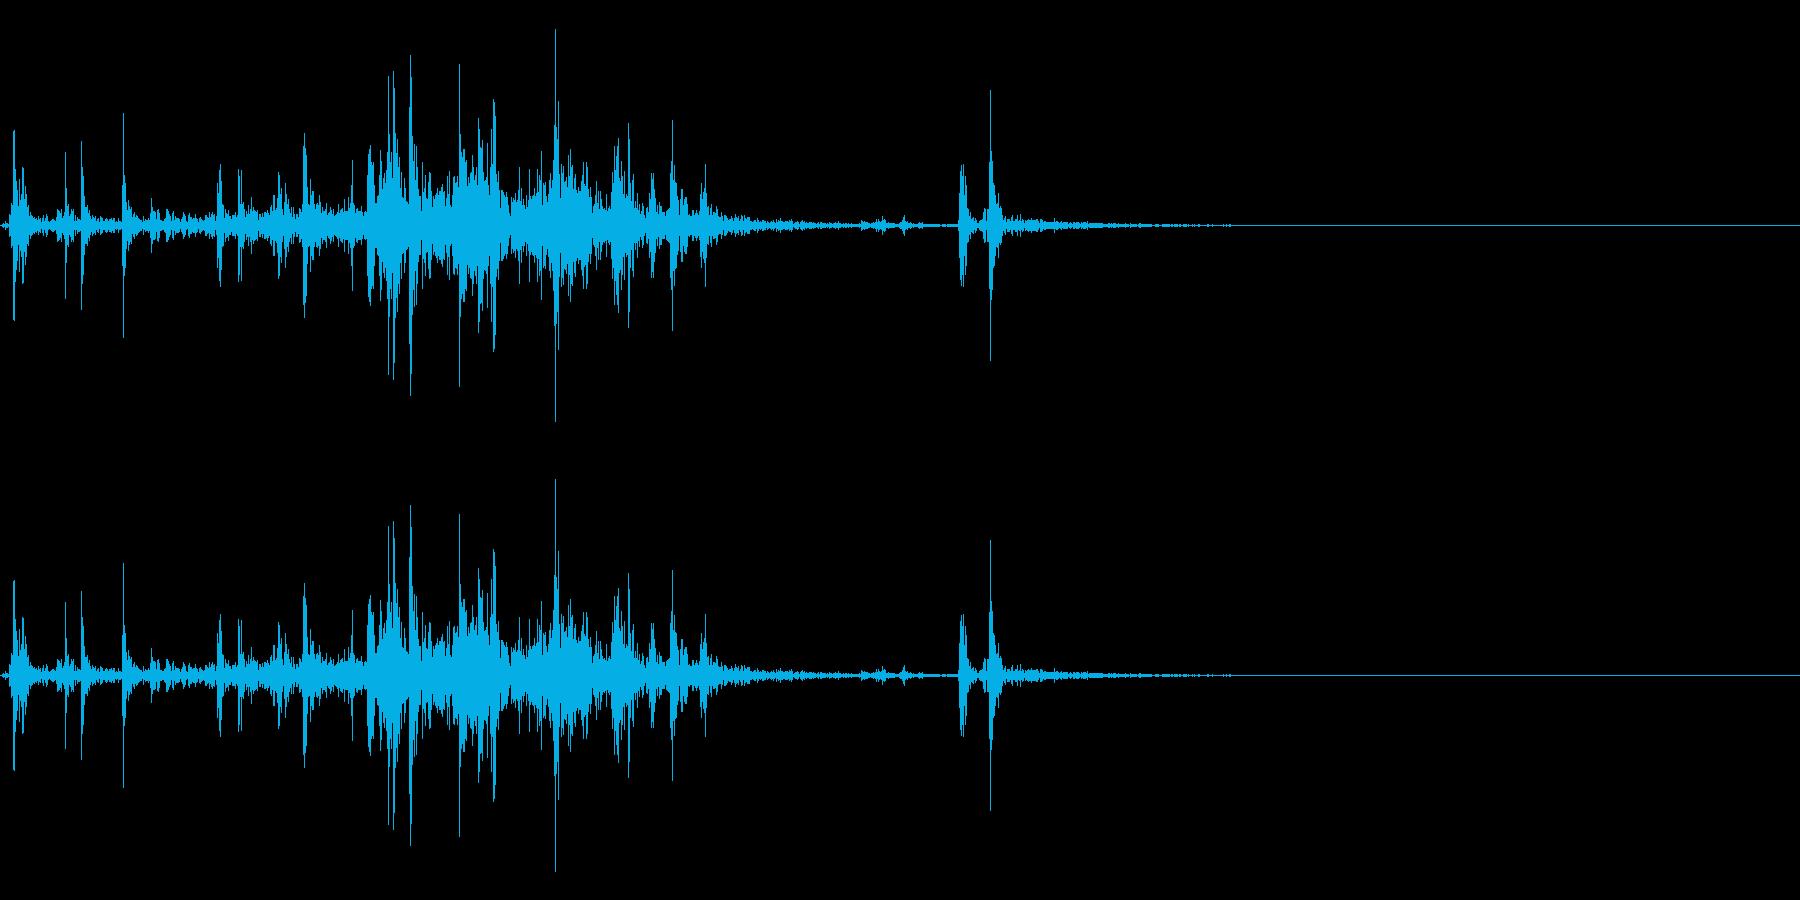 【生録音】ルービックキューブの操作音 5の再生済みの波形